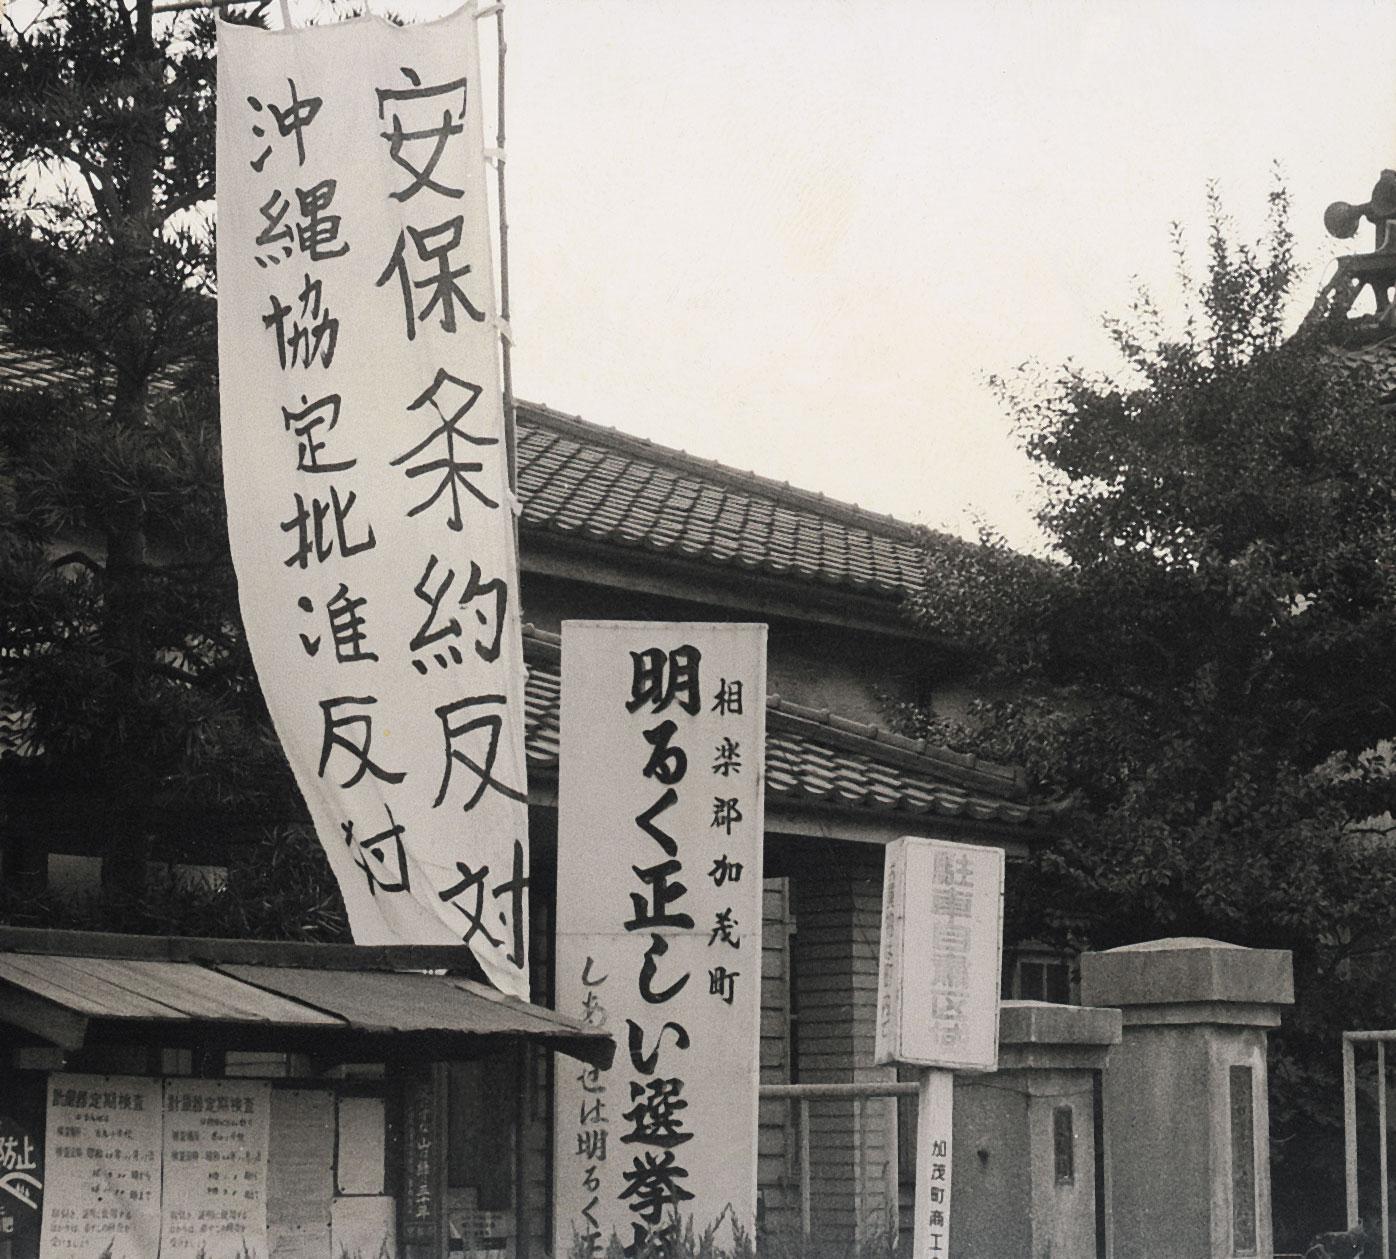 沖縄協定に反対するたたかい